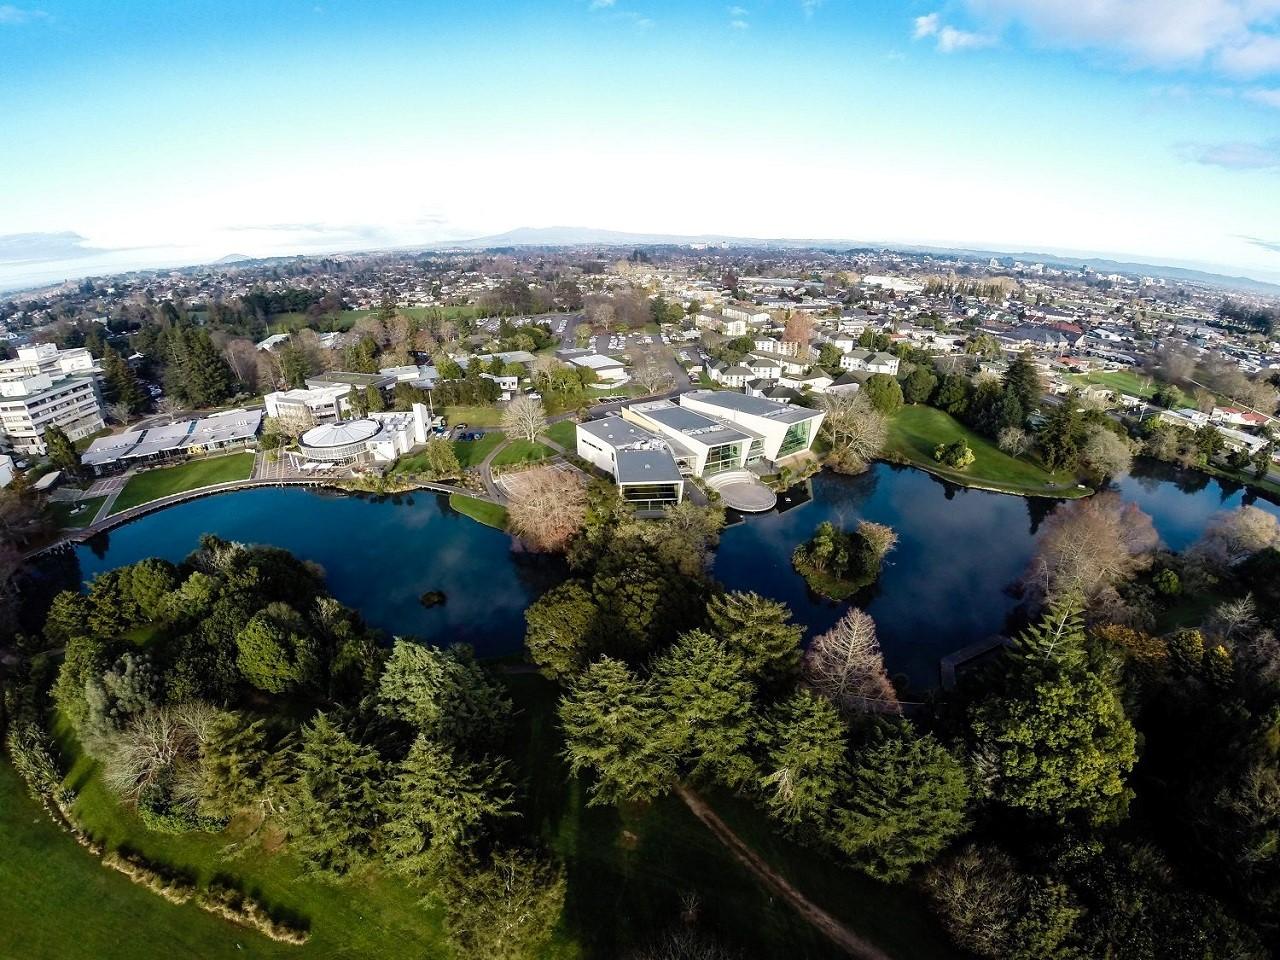 Học bổng du học New Zealand 50% khóa chuyển tiếp vào Đại học Waikato